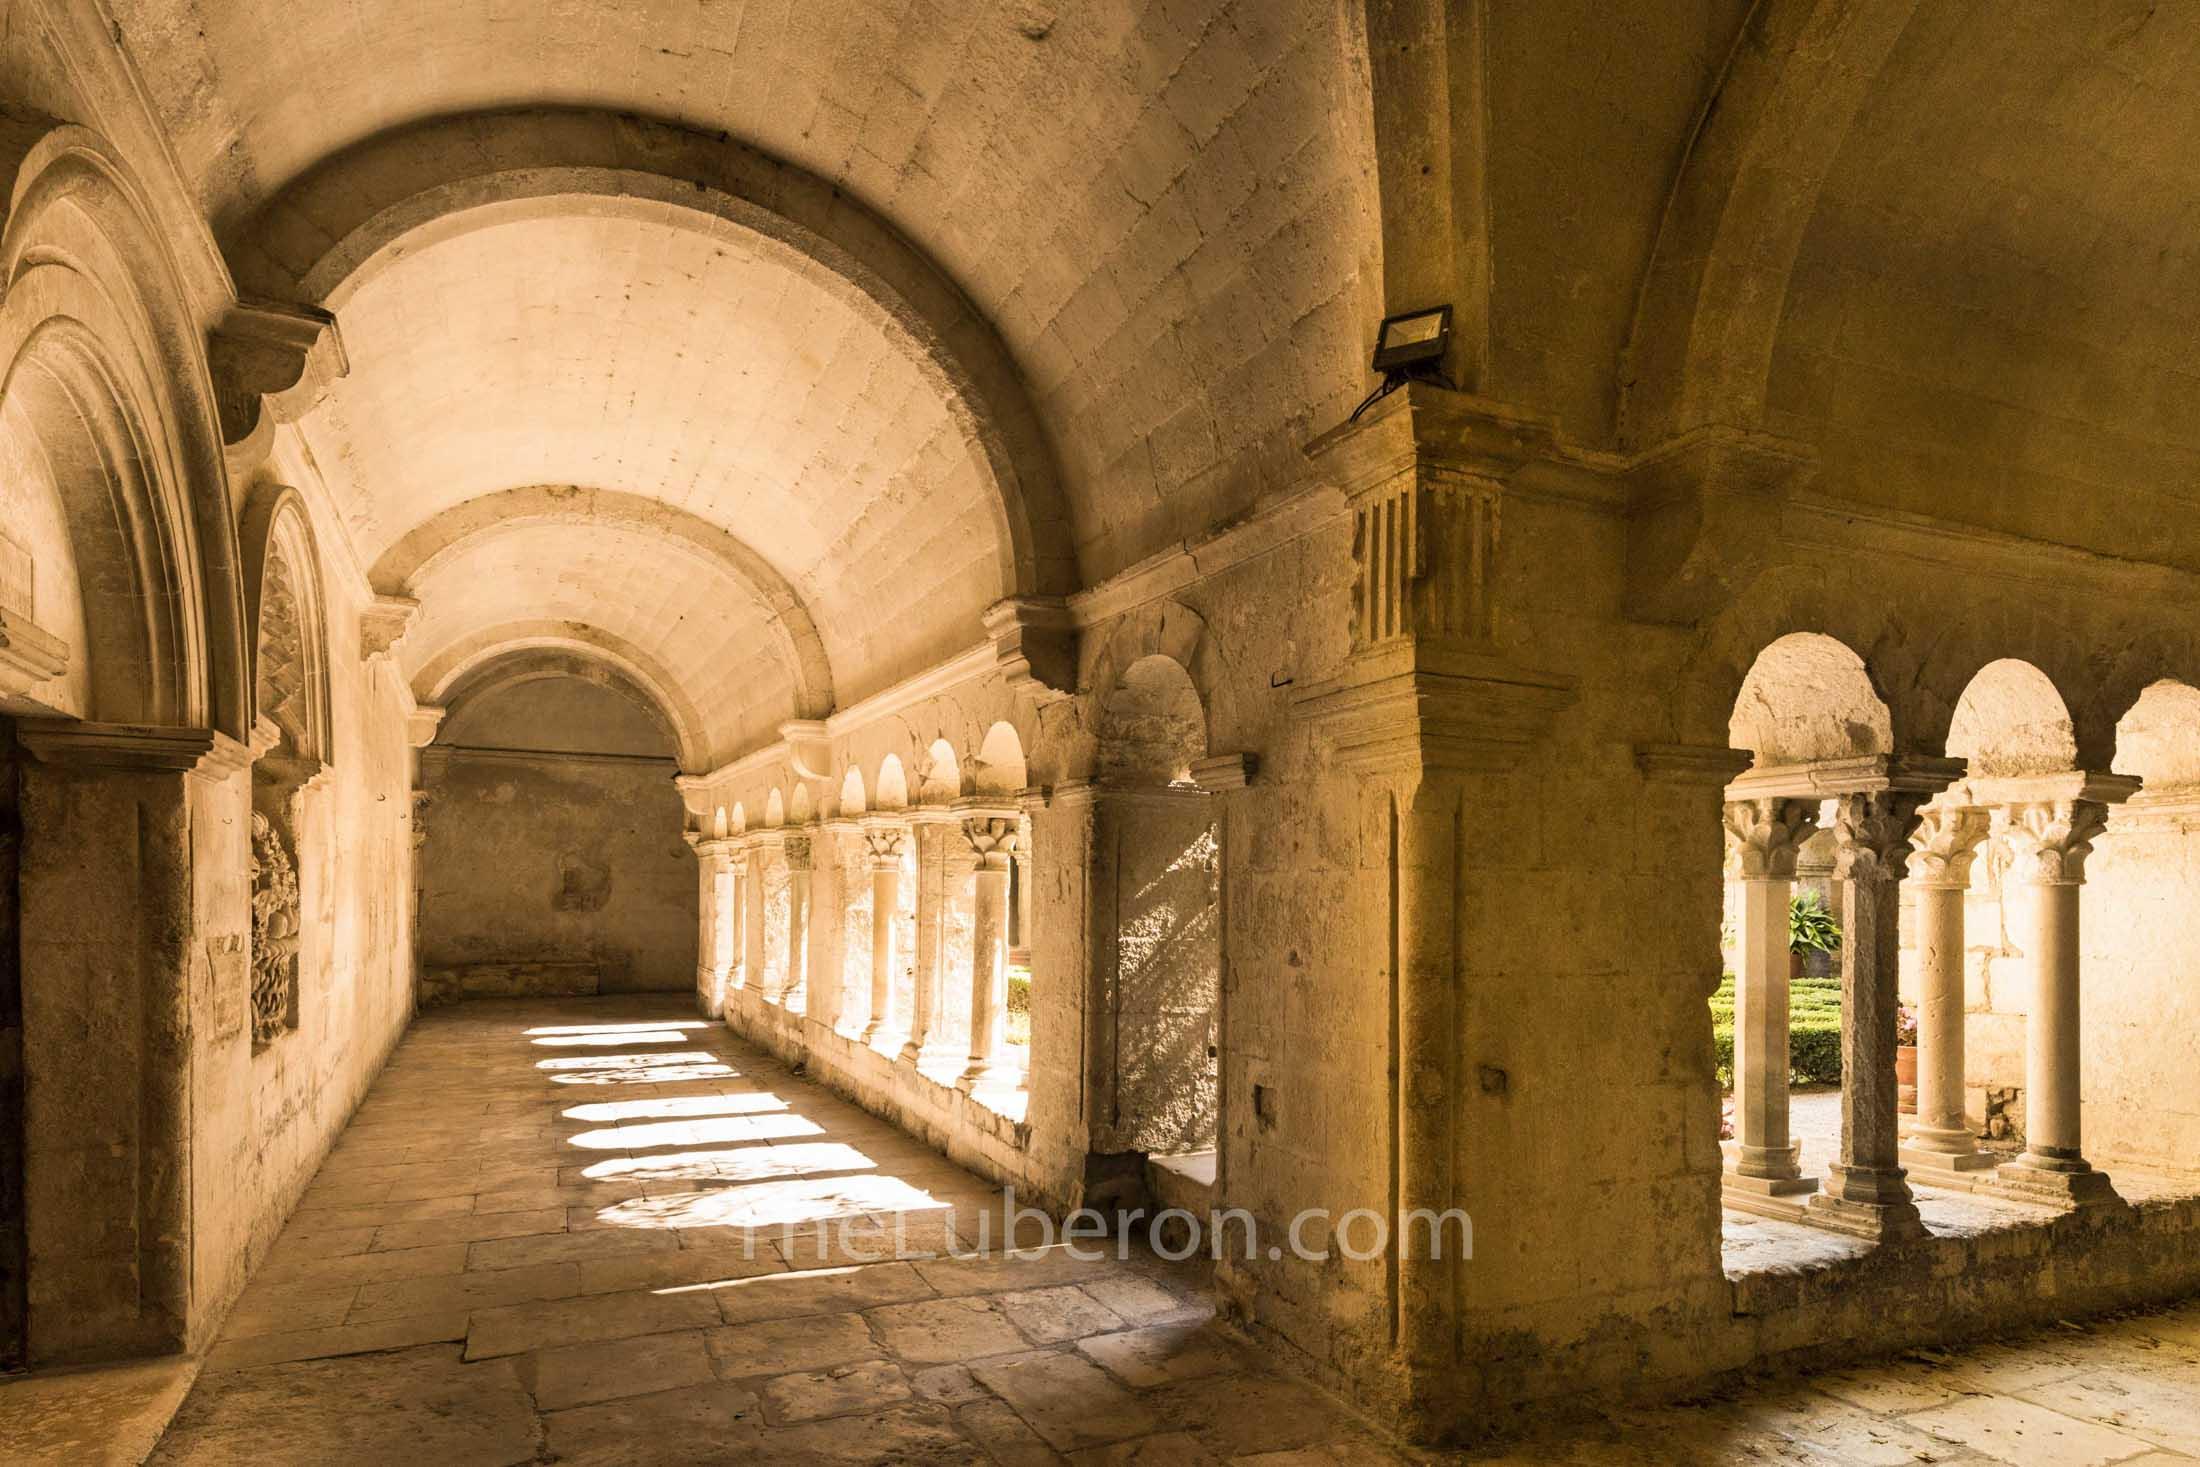 Saint-Paul de Mausole arcade